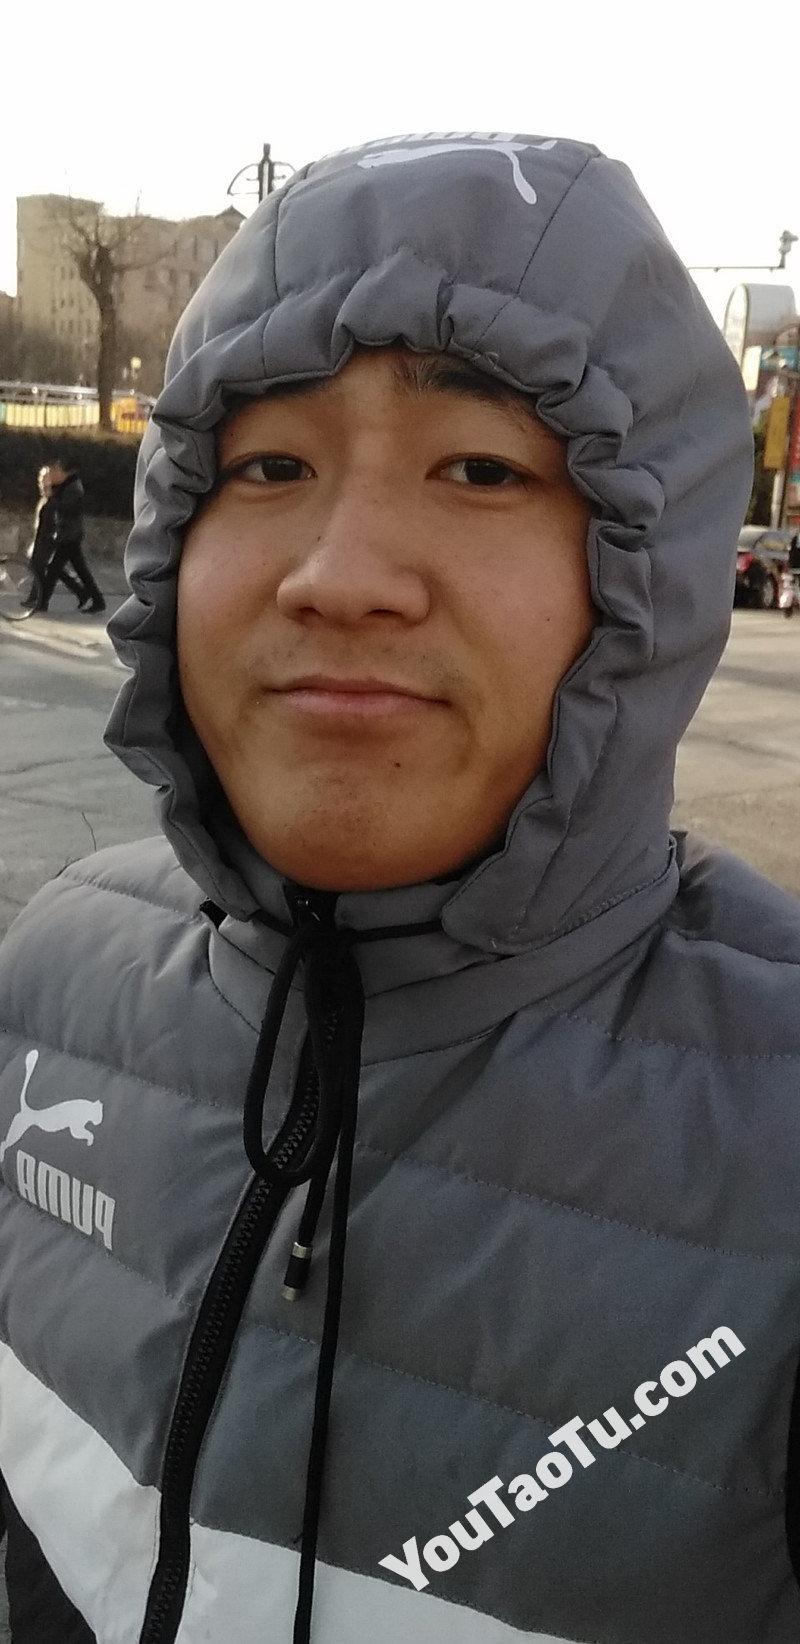 M72_男套图395照片+11视频(搞怪时尚年轻青年白领上班族高富帅英俊帅气男神)-10